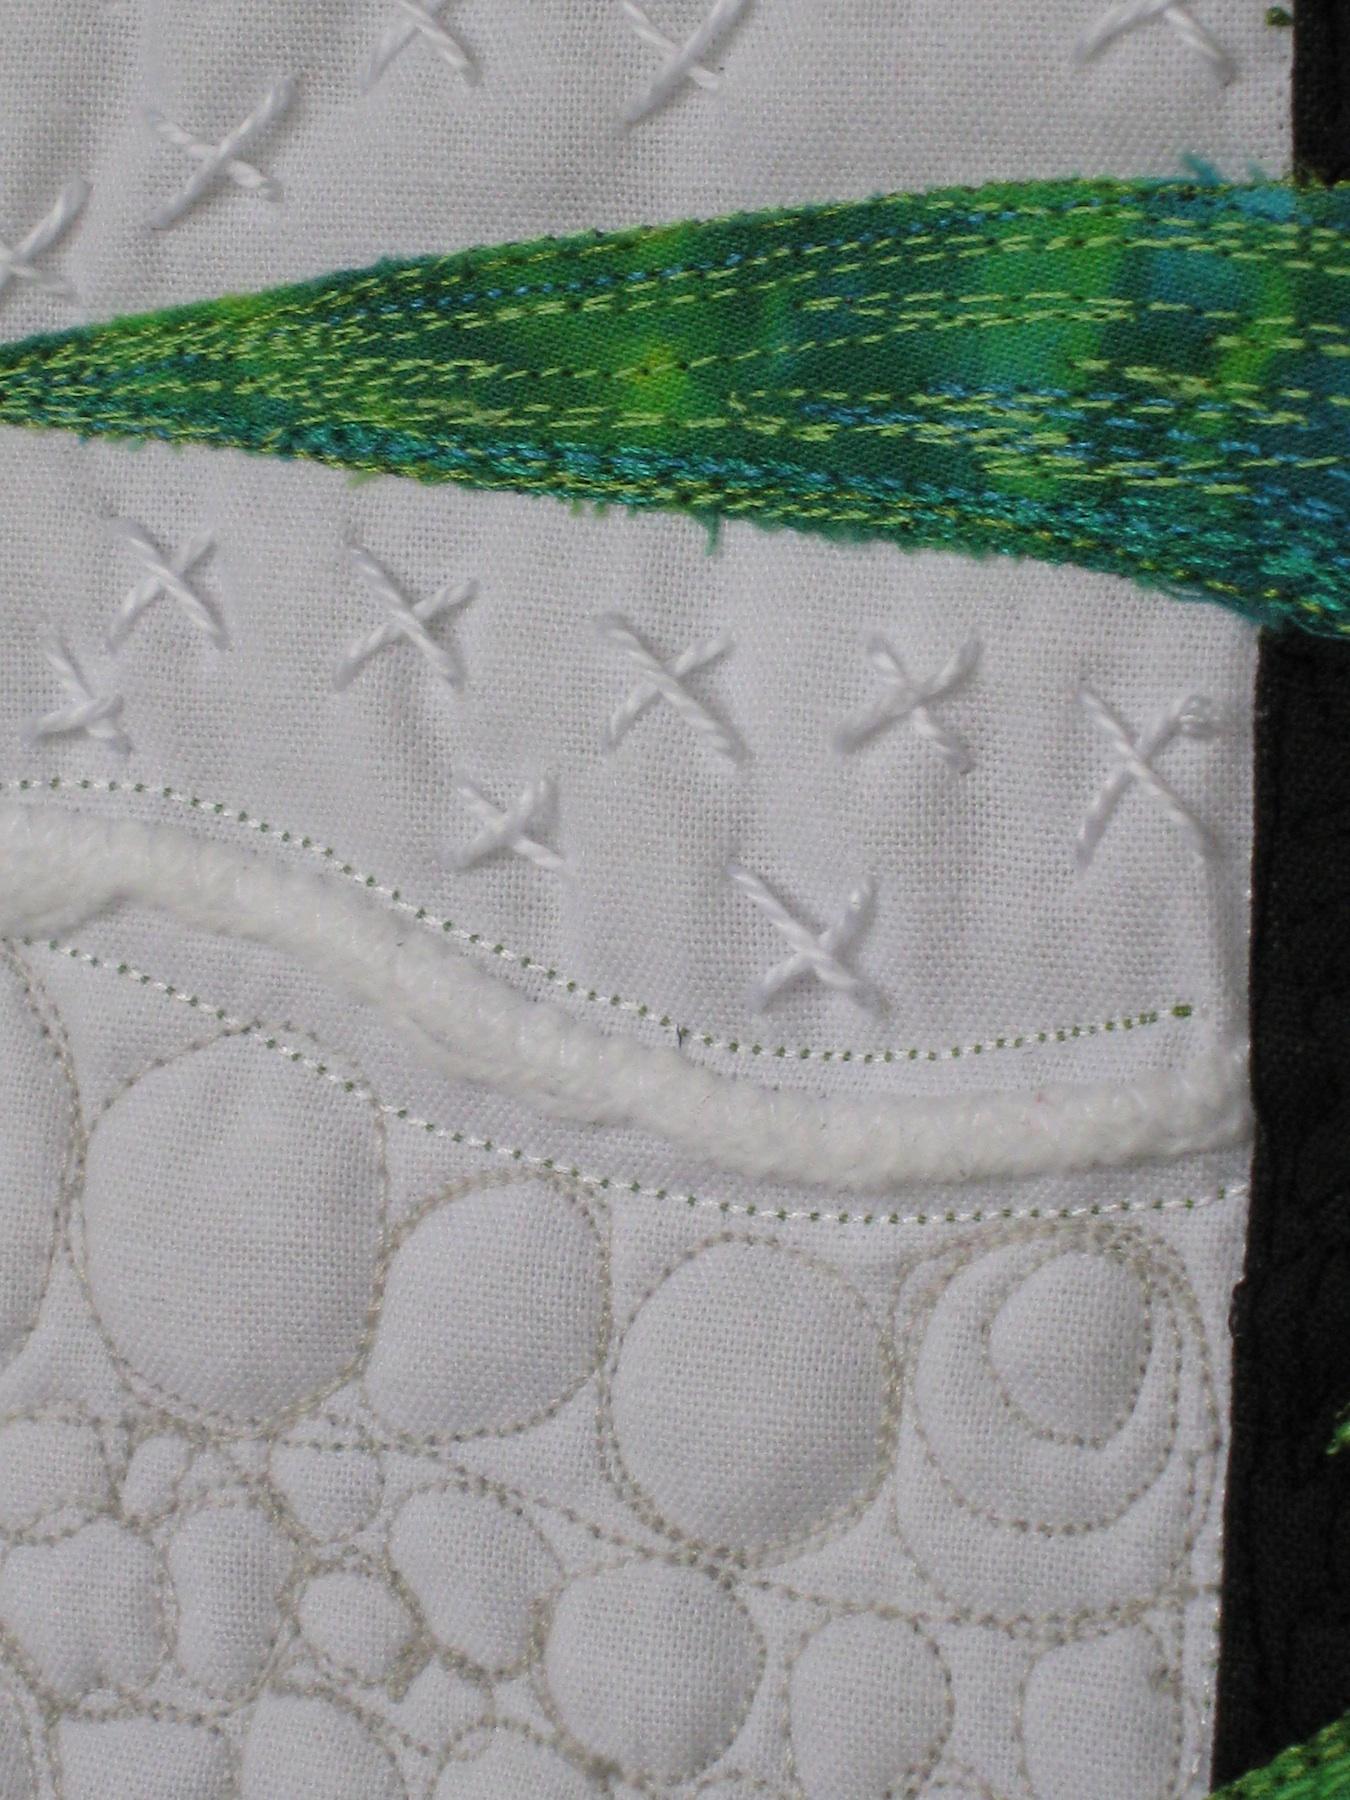 Bromeliads in Bloom detail